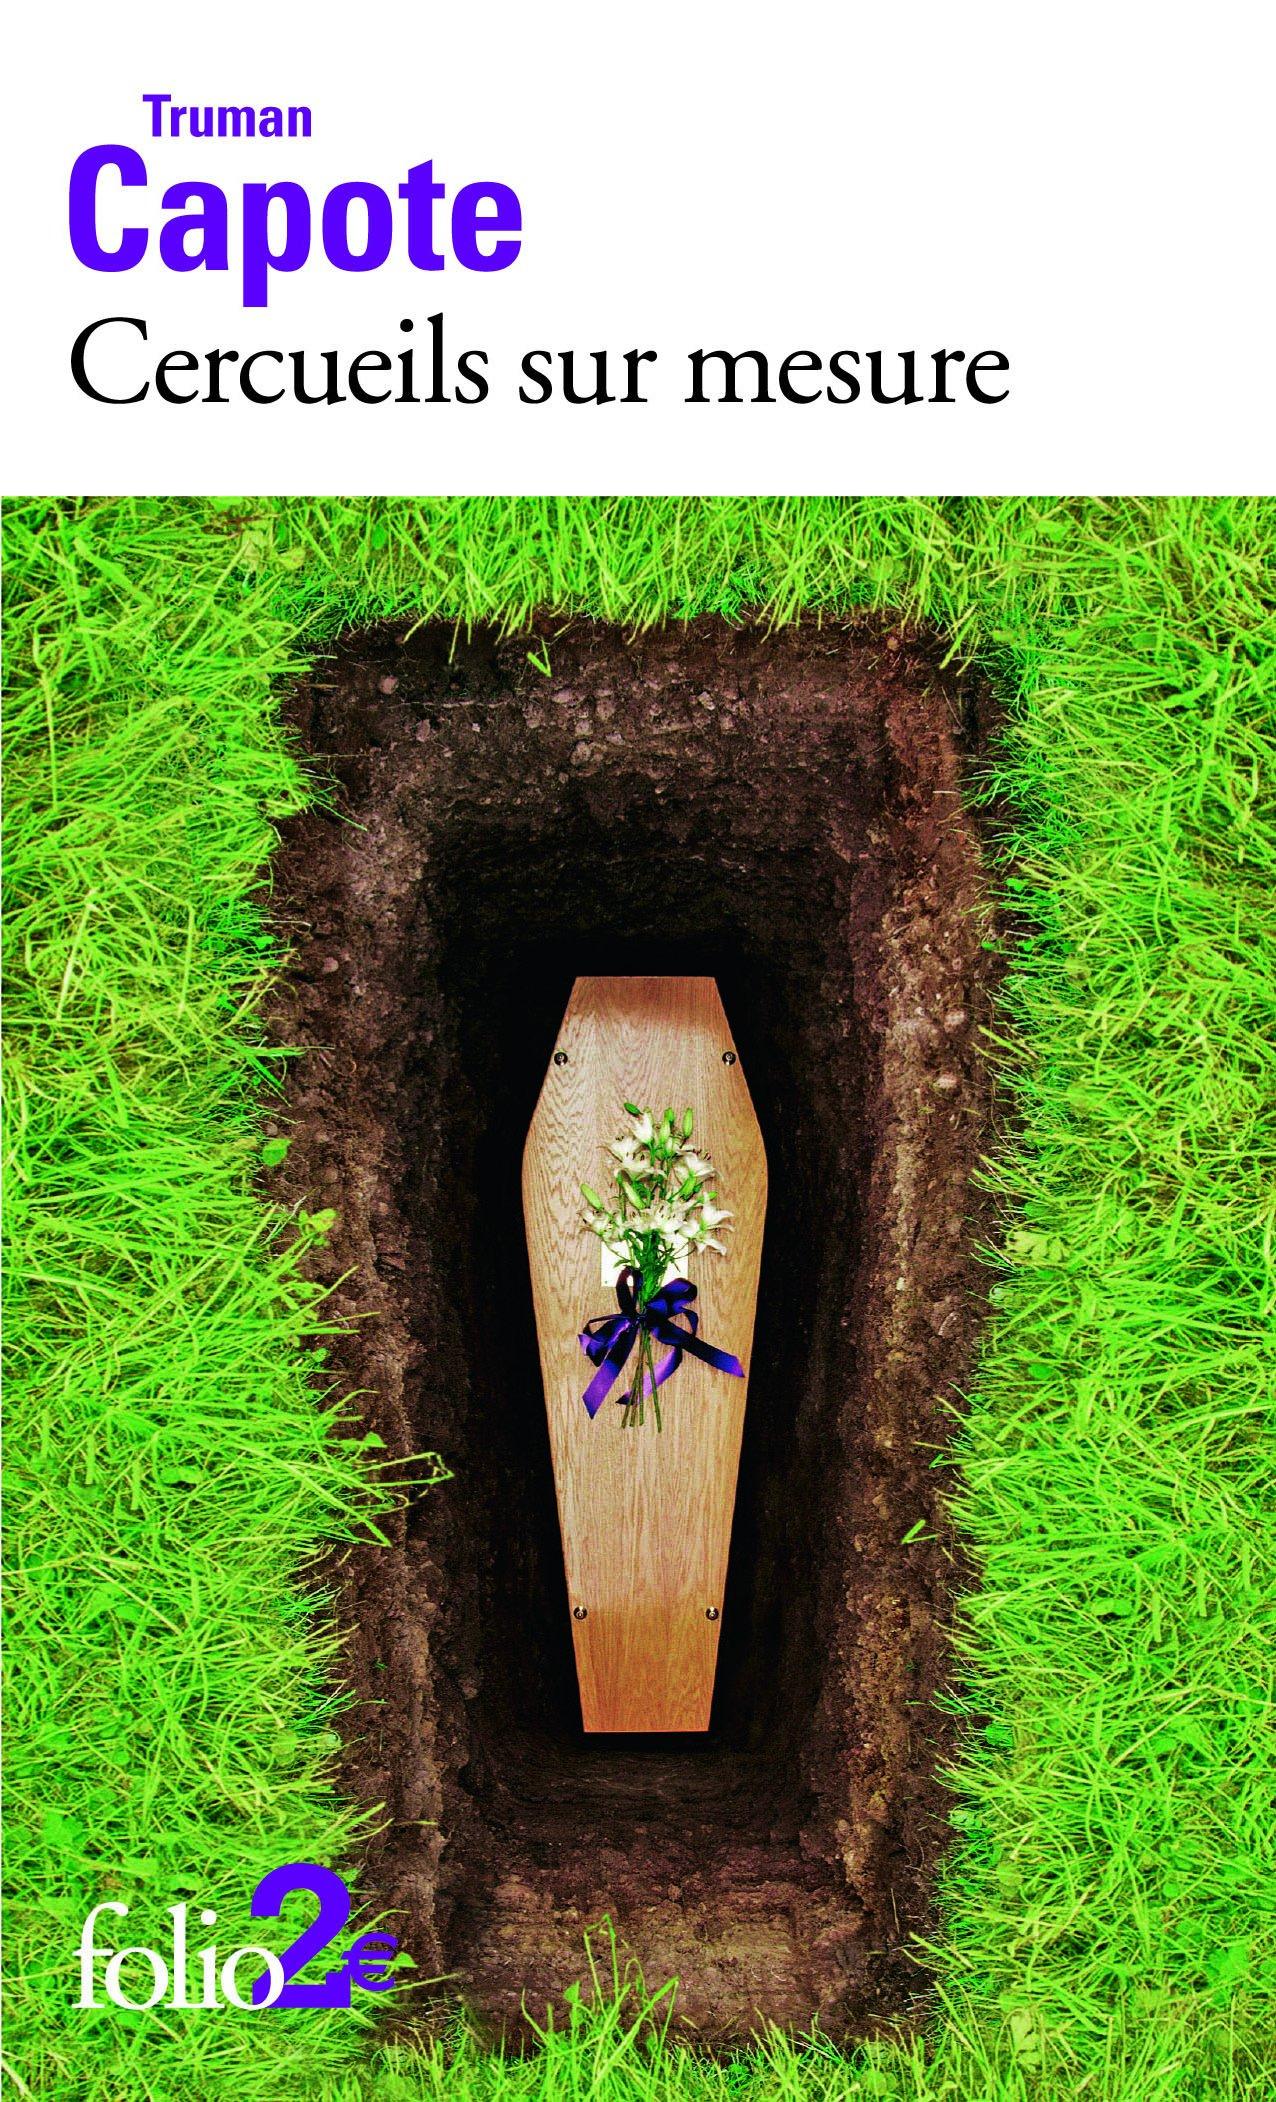 Amazon.fr - Cercueils sur mesure - Capote, Truman - Livres